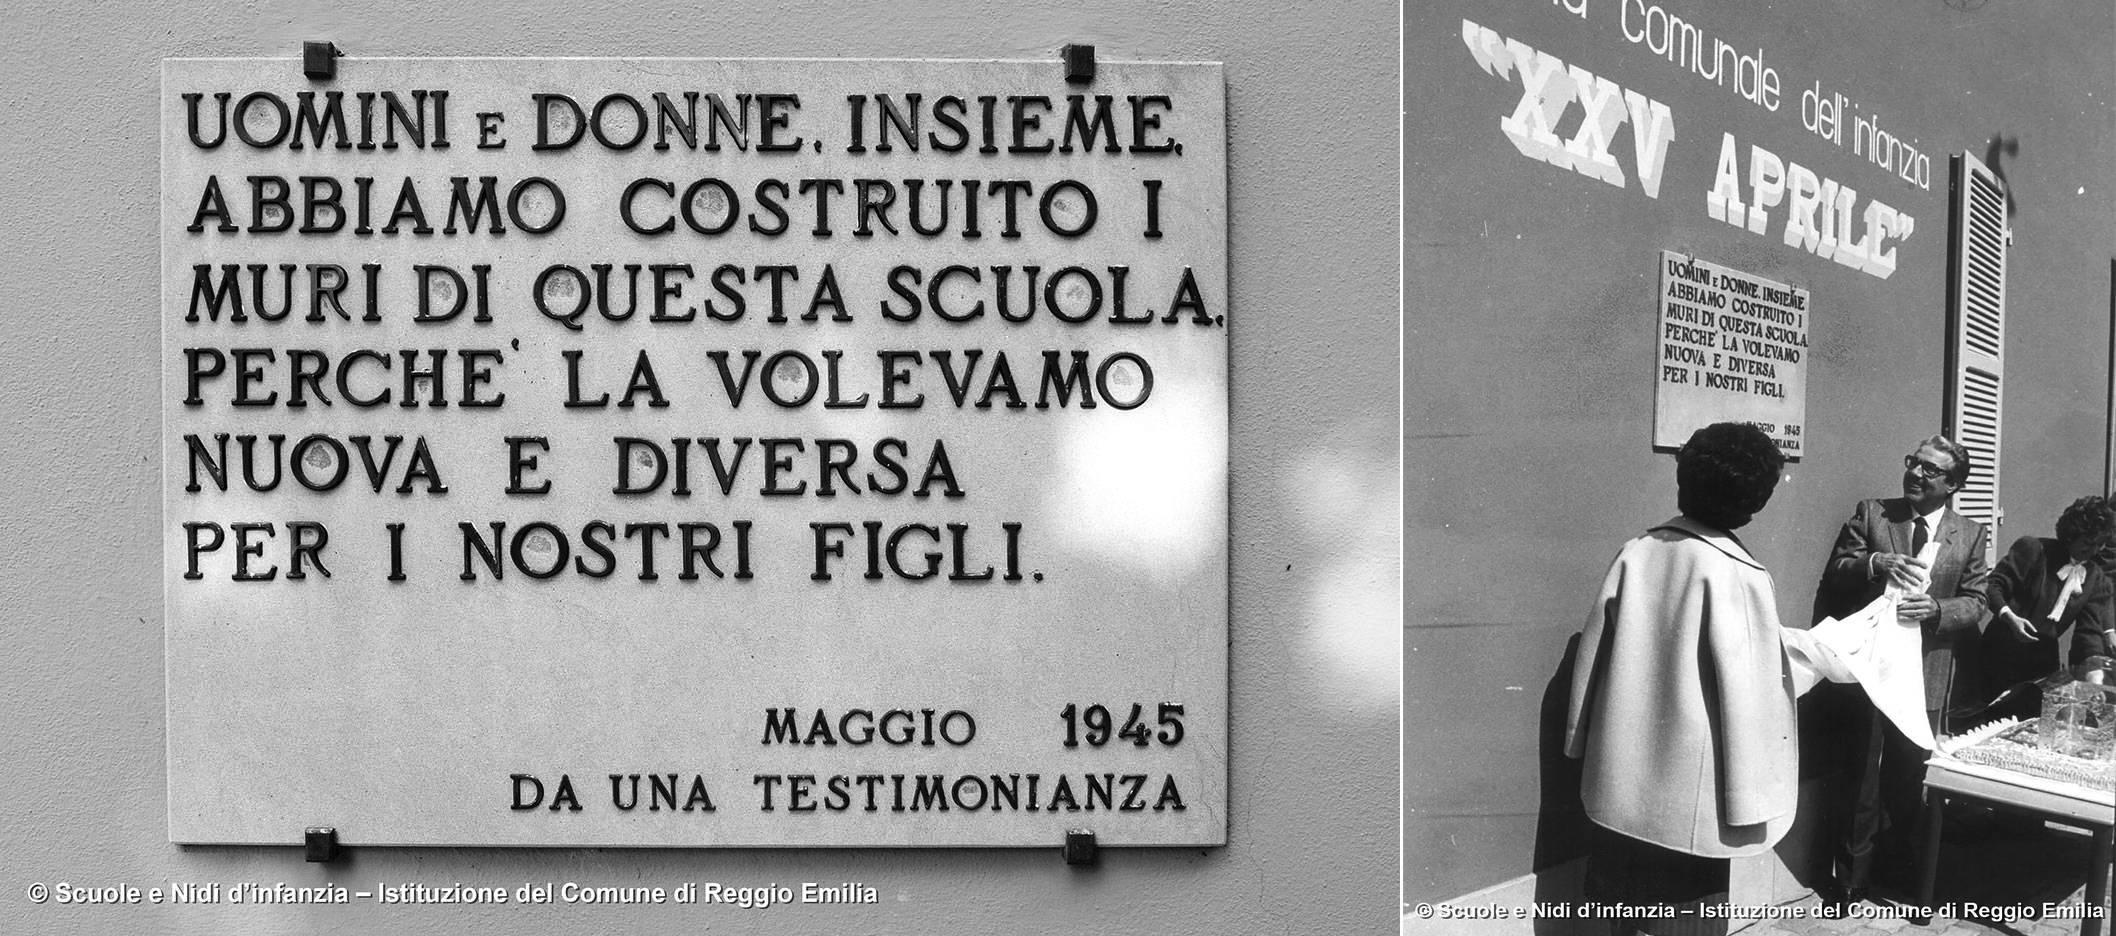 IL SINDACO DI REGGIO EMILIA UGO BENASSI, INSIEME A LORETTA GIARONI ASSESSORE ALLA SCUOLA DAL 1967 AL 1975, INAUGURA LA SCUOLA COMUNALE DELL'INFANZIA XXV APRILE DOPO I LAVORI DI AMPLIAMENTO ARCHIVIO SCUOLE E NIDI D'INFANZIA – ISTITUZIONE DEL COMUNE DI REGGIO EMILIA, 20 APRILE 1985